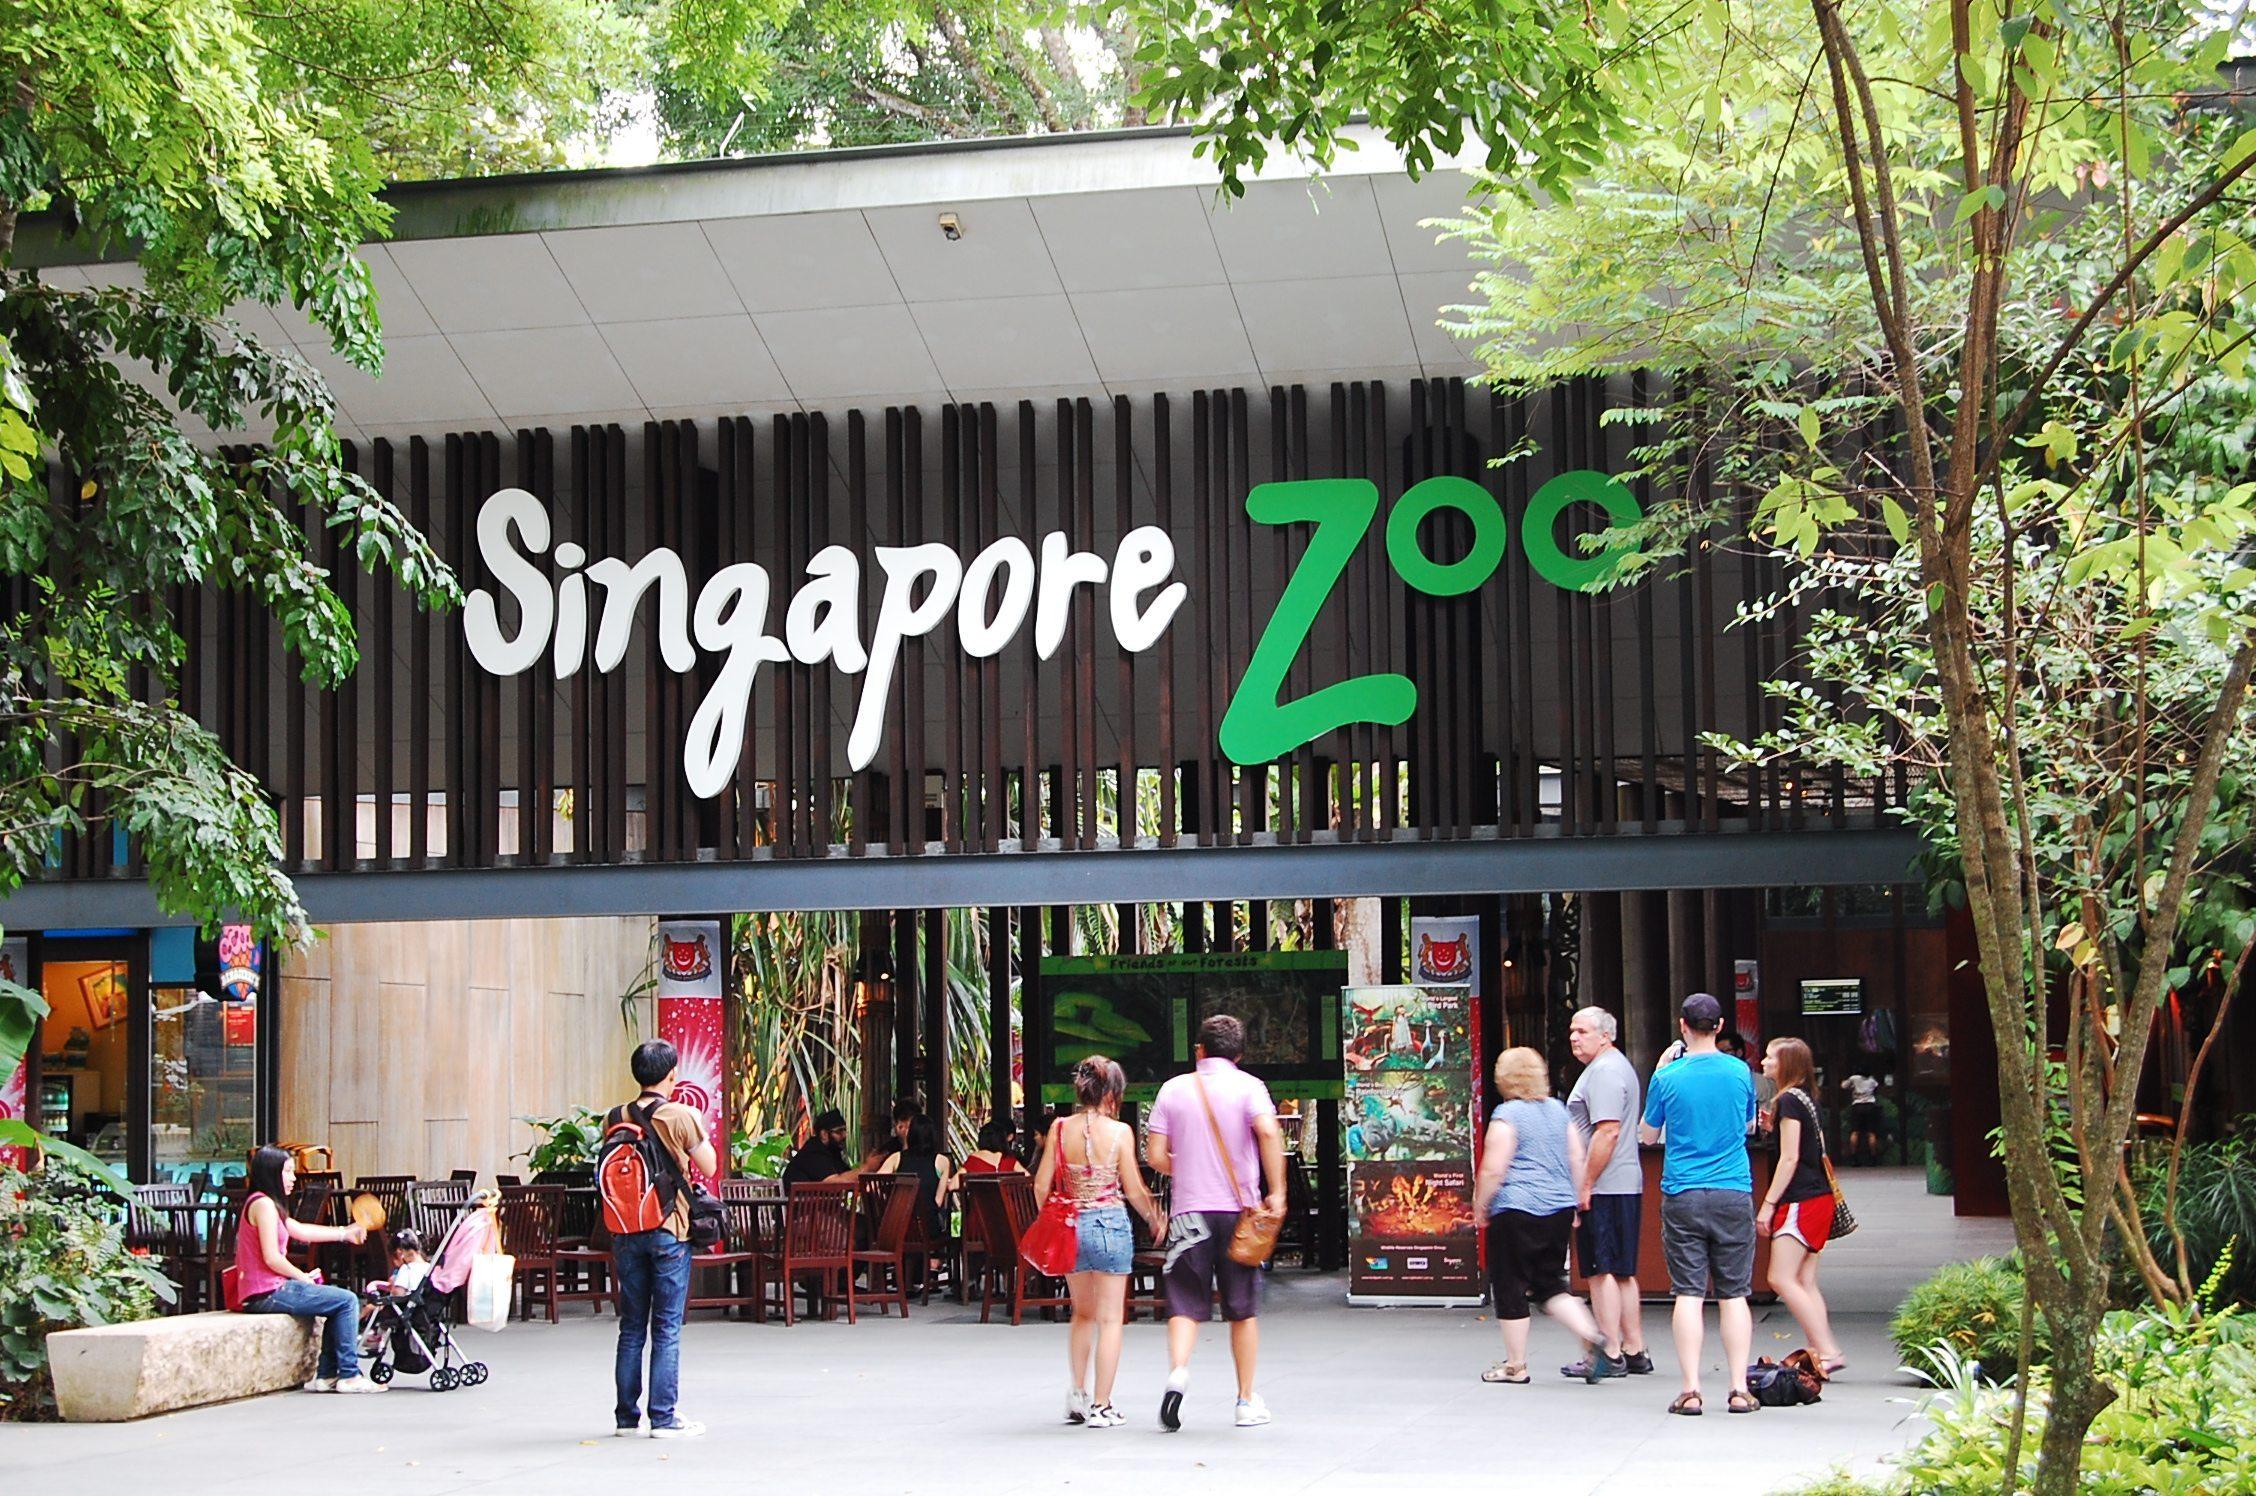 أفضل 10 أنشطة في حديقة حيوانات سنغافورة